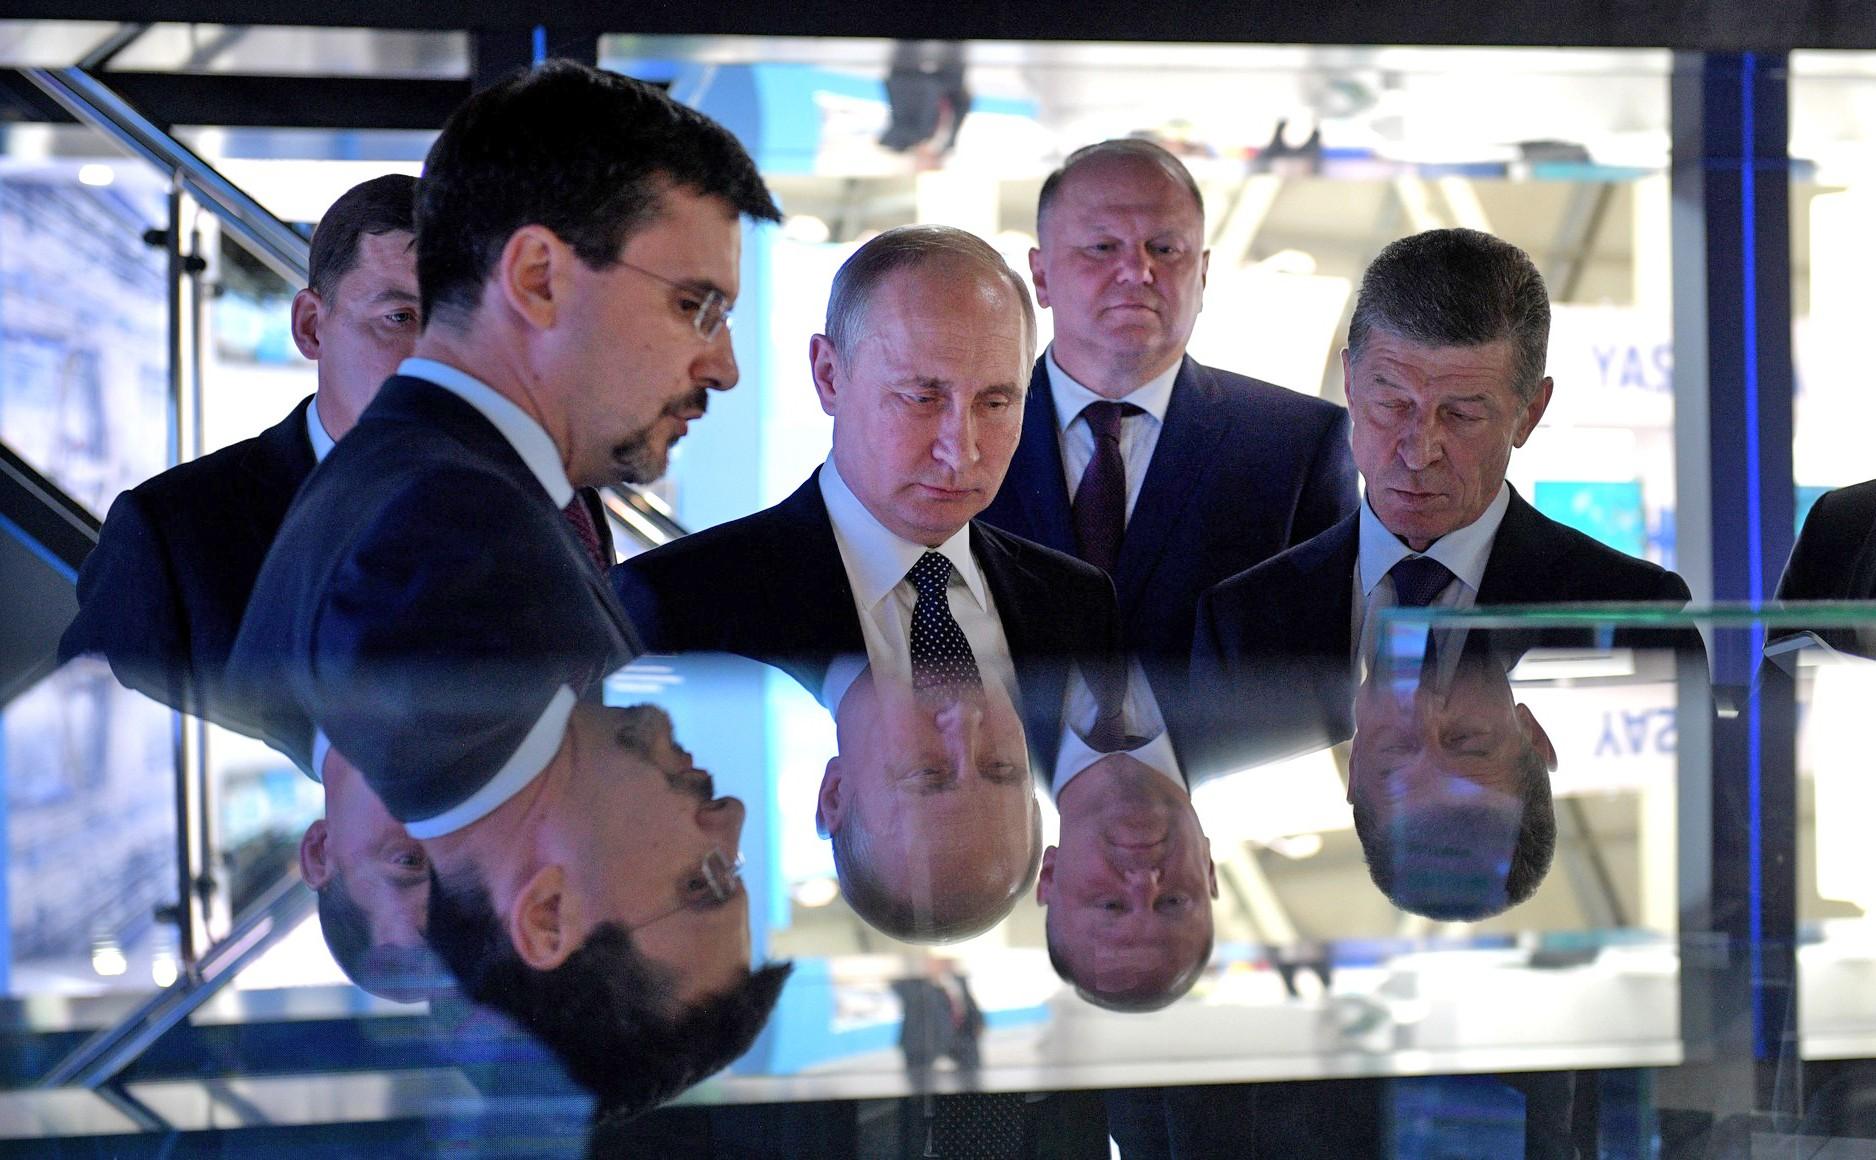 """Владимир Путин посетил Международную выставку промышленности и инноваций """"ИННОПРОМ"""""""